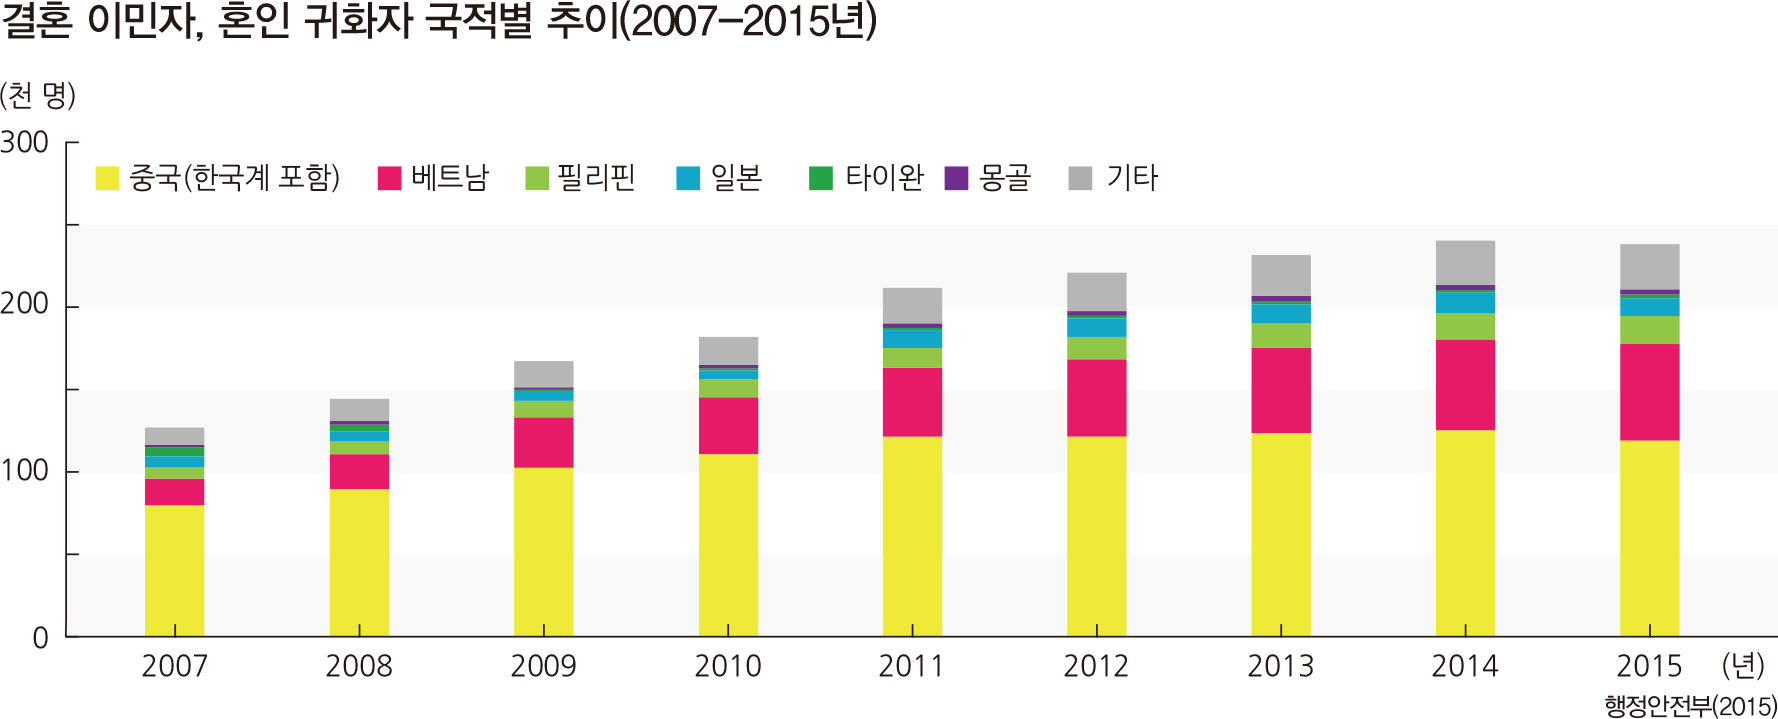 결혼 이민자, 혼인 귀화자 국적별 추이(2007-2015년)